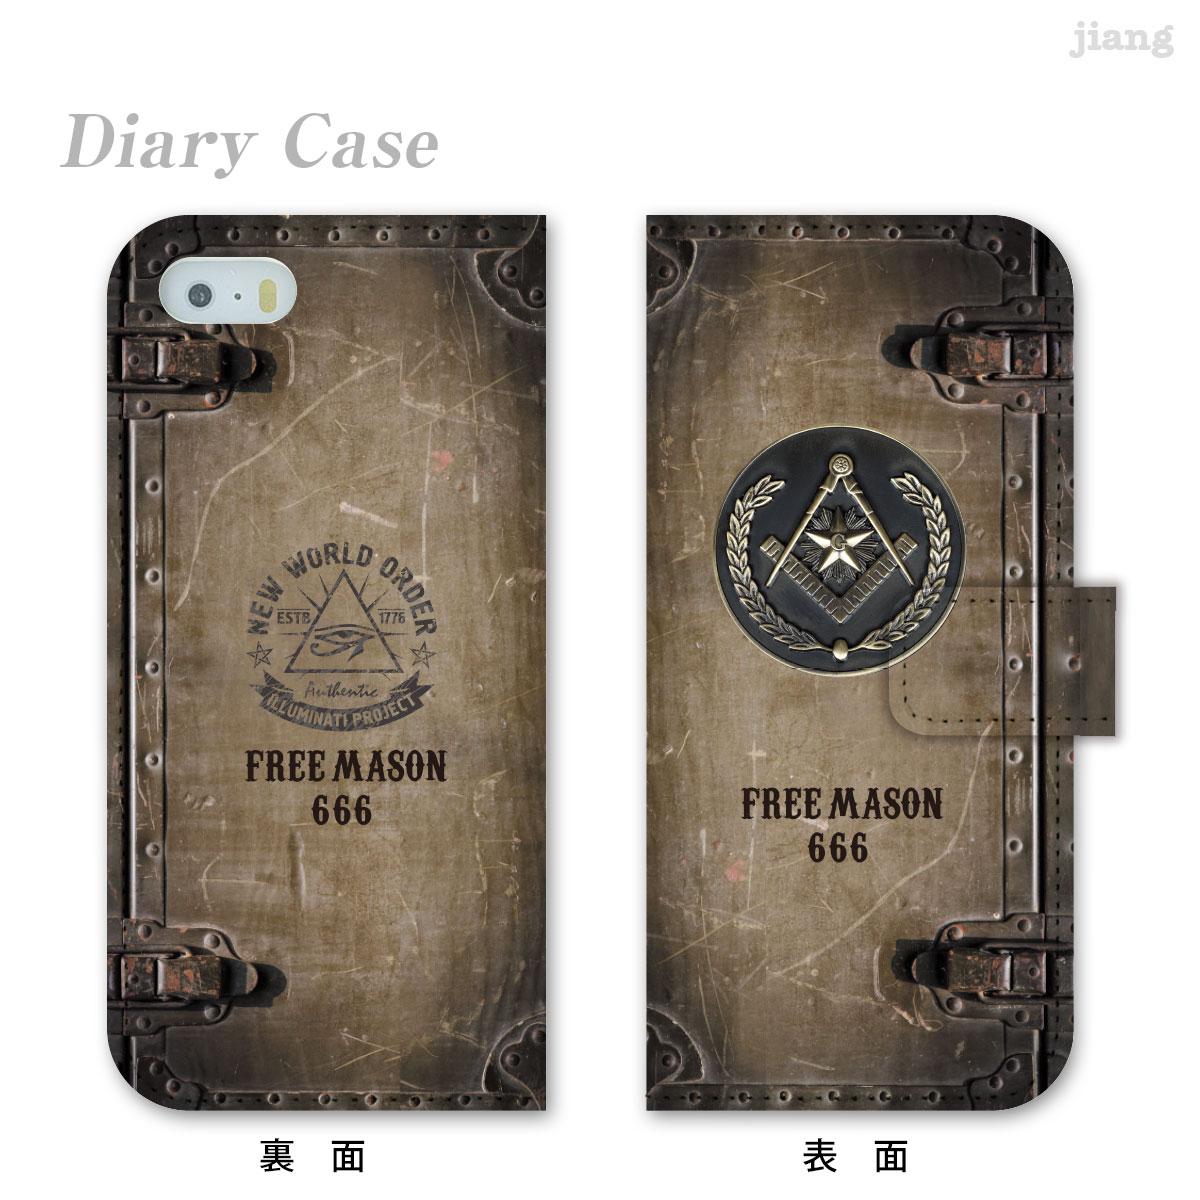 スマホケース 手帳型 全機種対応 手帳 ケース カバー レザー iPhoneXS Max iPhoneXR iPhoneX iPhone8 iPhone7 iPhone Xperia 1 SO-03L SOV40 Ase XZ3 SO-01L XZ2 SO-05K XZ1 XZ aquos R3 sh-04l shv44 R2 sh-04k sense2 galaxy S10 S9 S8 フリーメイソン 01-ip5-ds2378